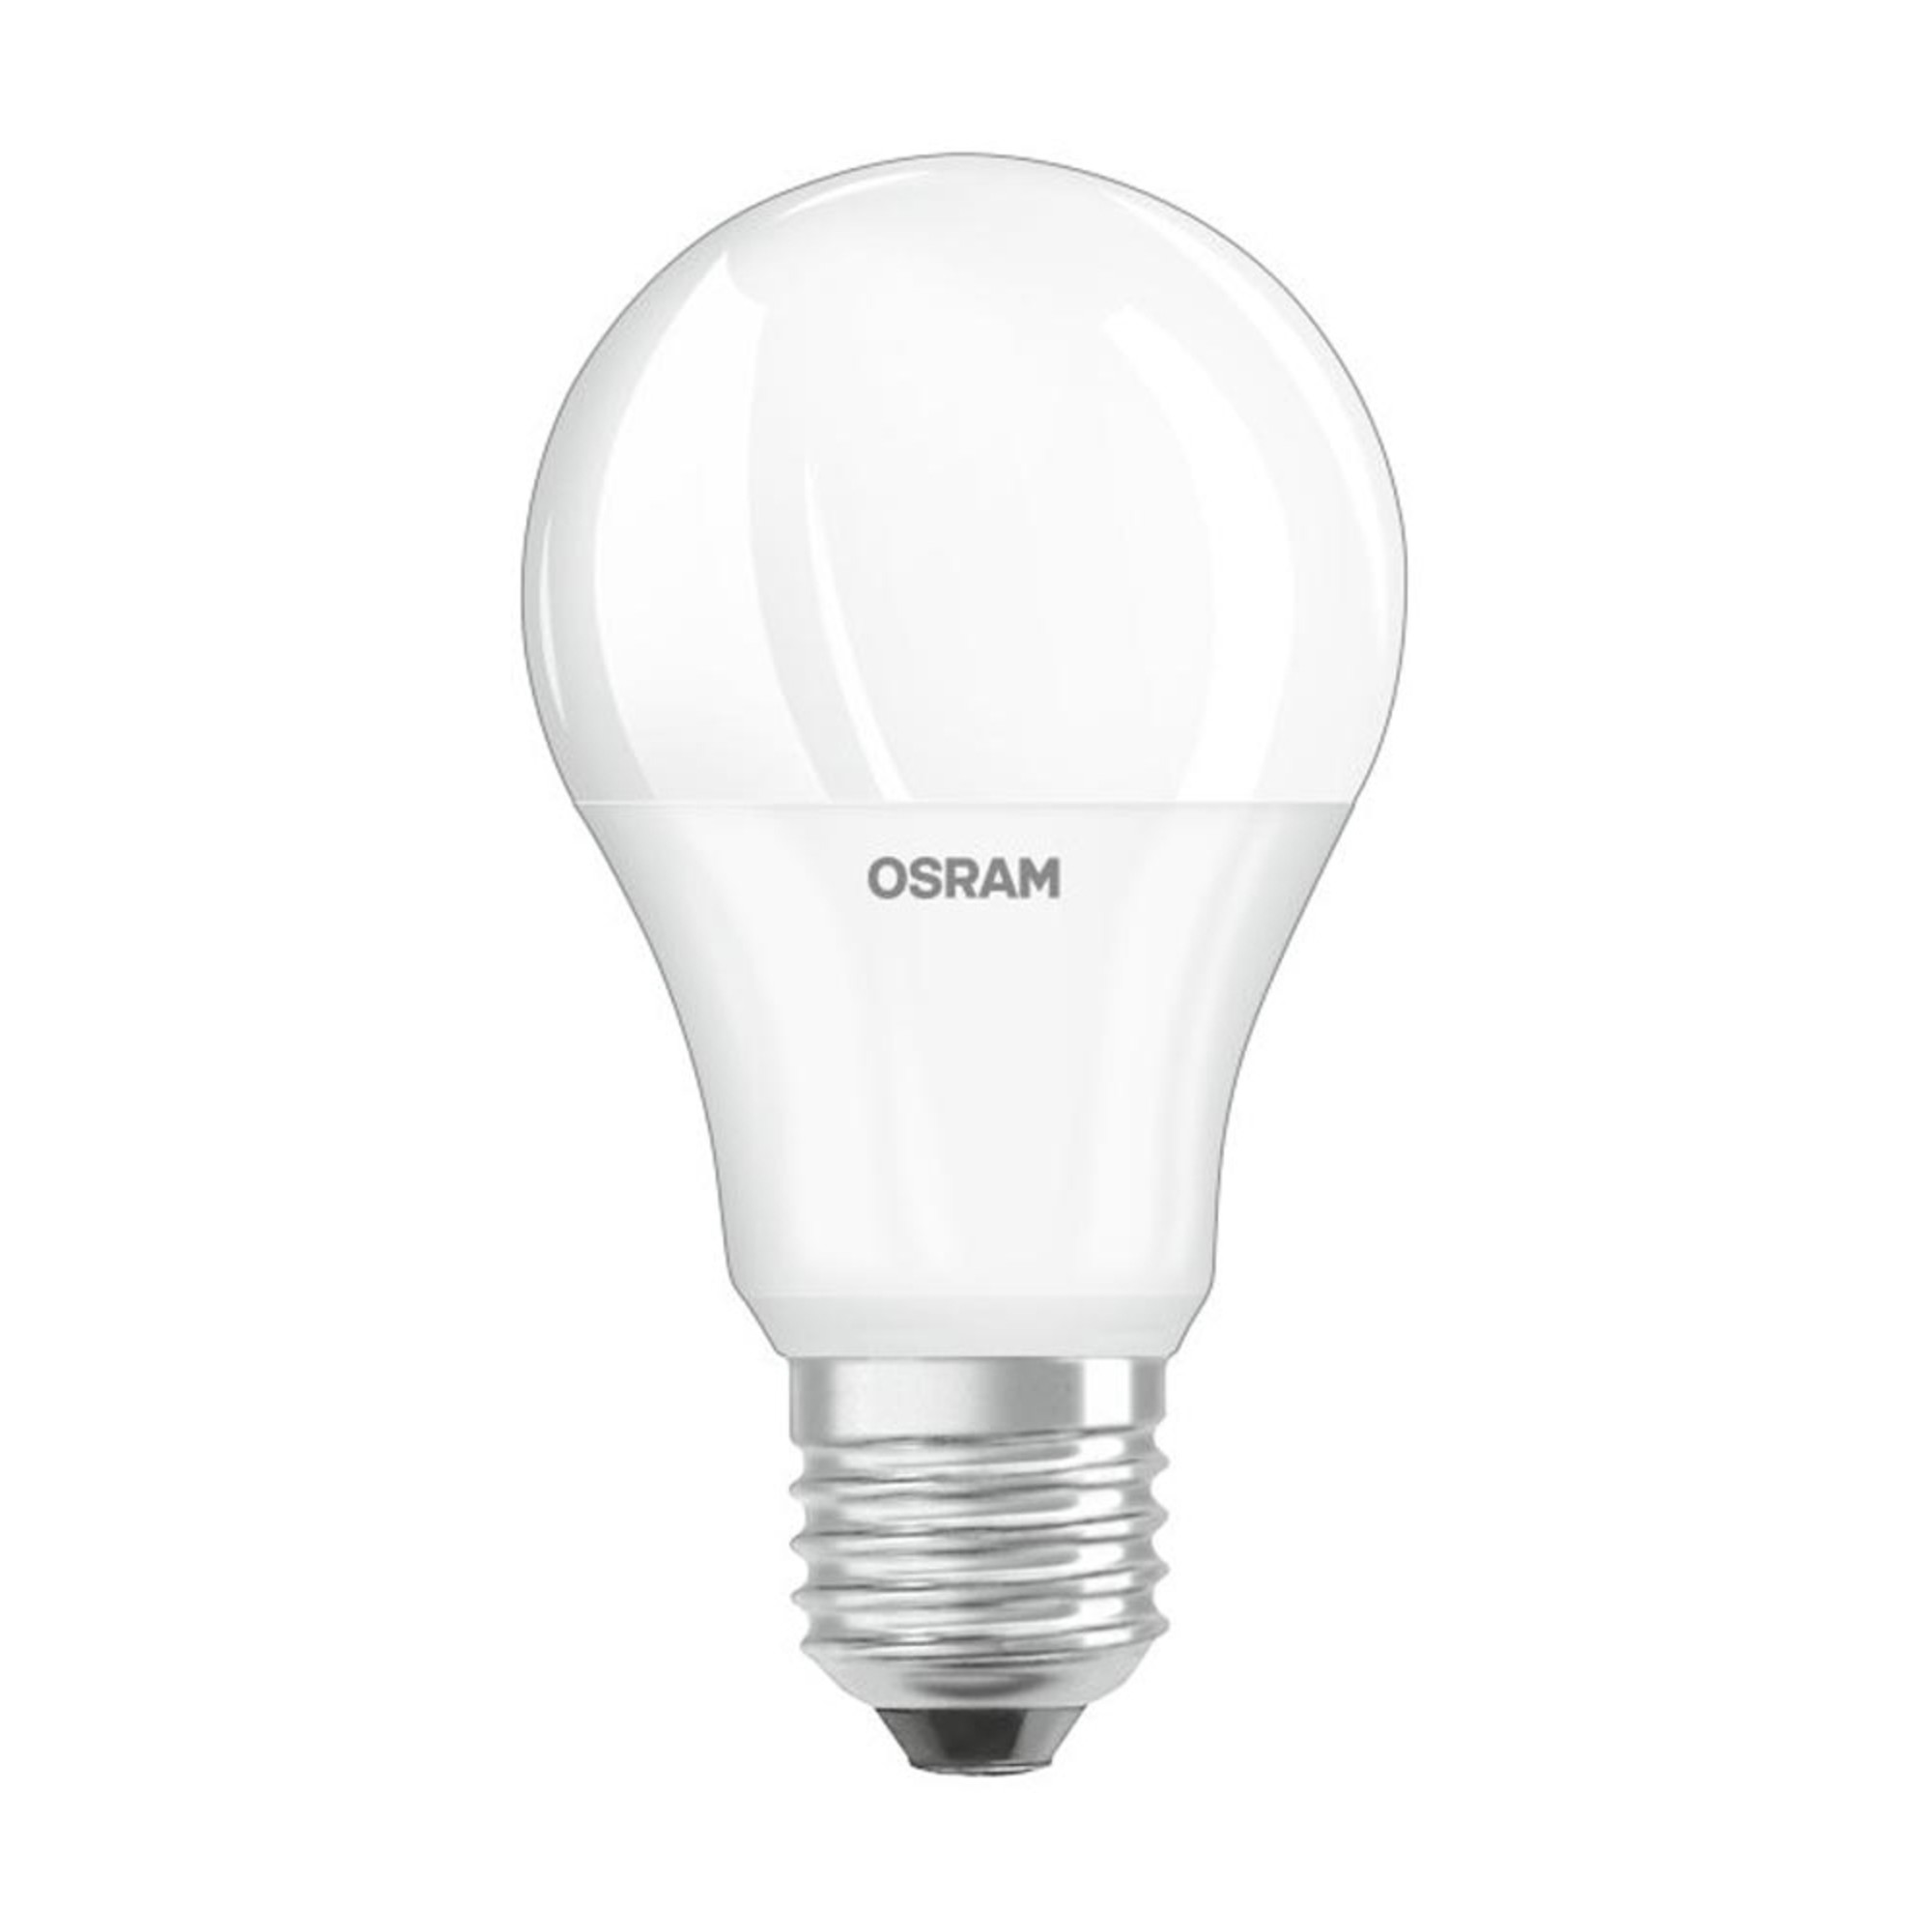 Лампа светодиодная Osram E27 7 Вт груша матовая 600 лм холодный белый свет